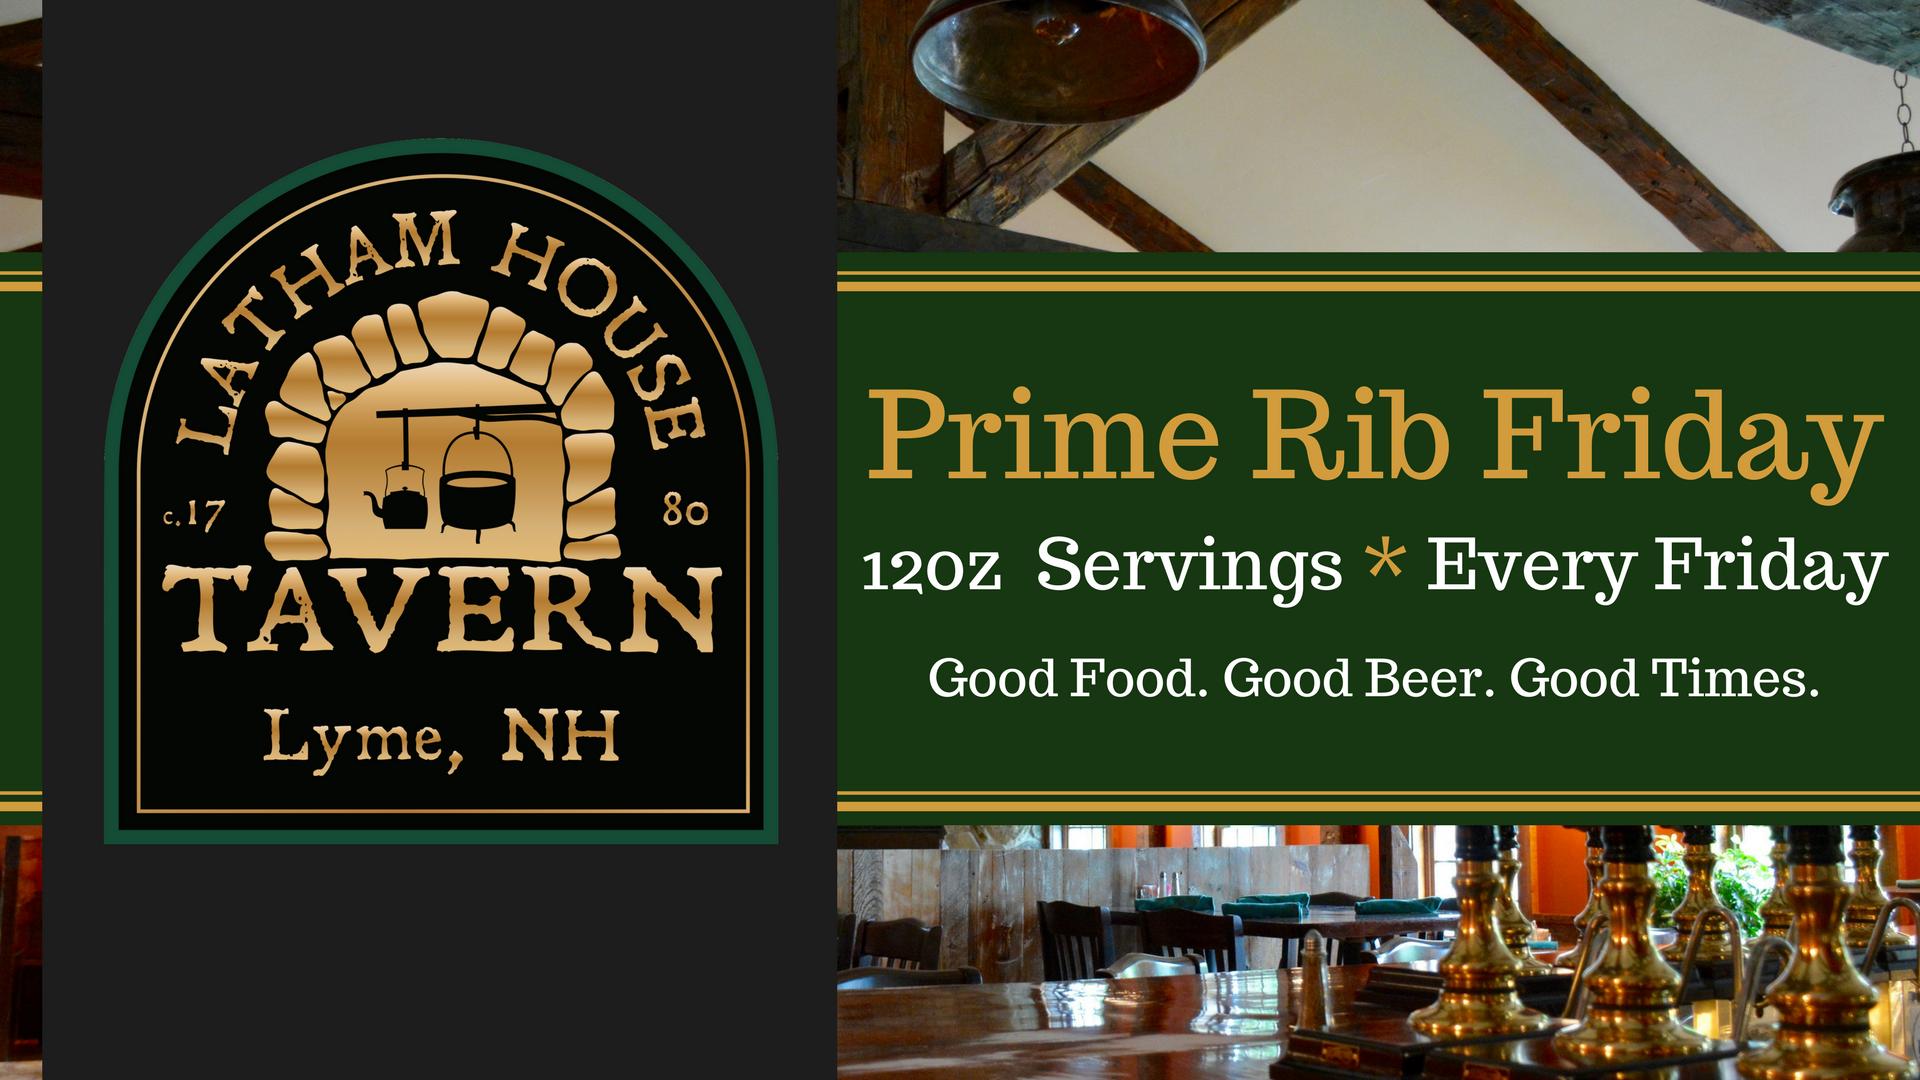 Prime Rib Friday - Latham House Tavern